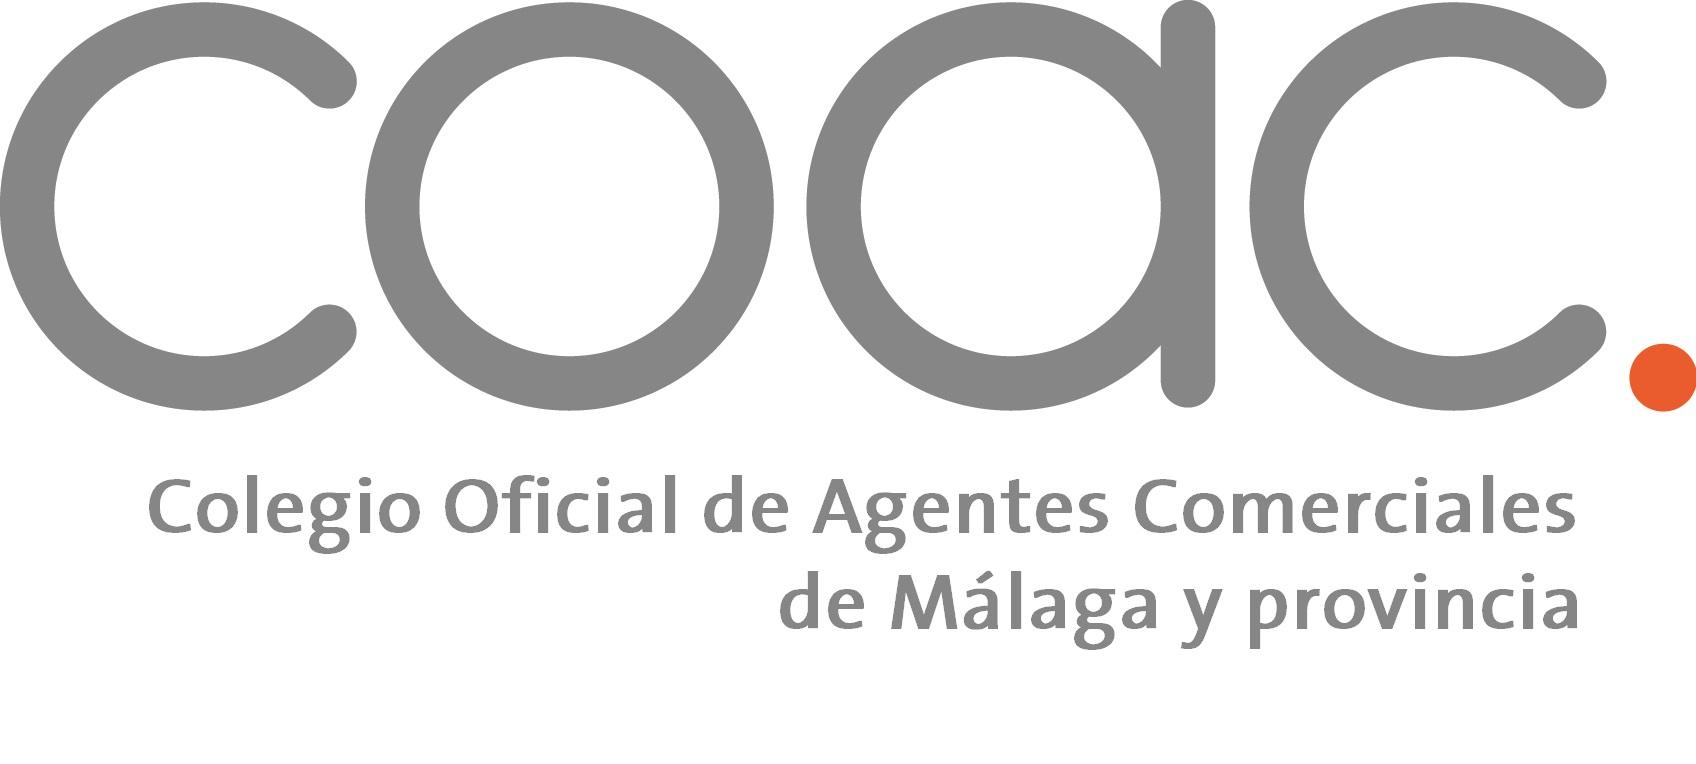 Colegia Oficial de Agentes Comerciales Málaga